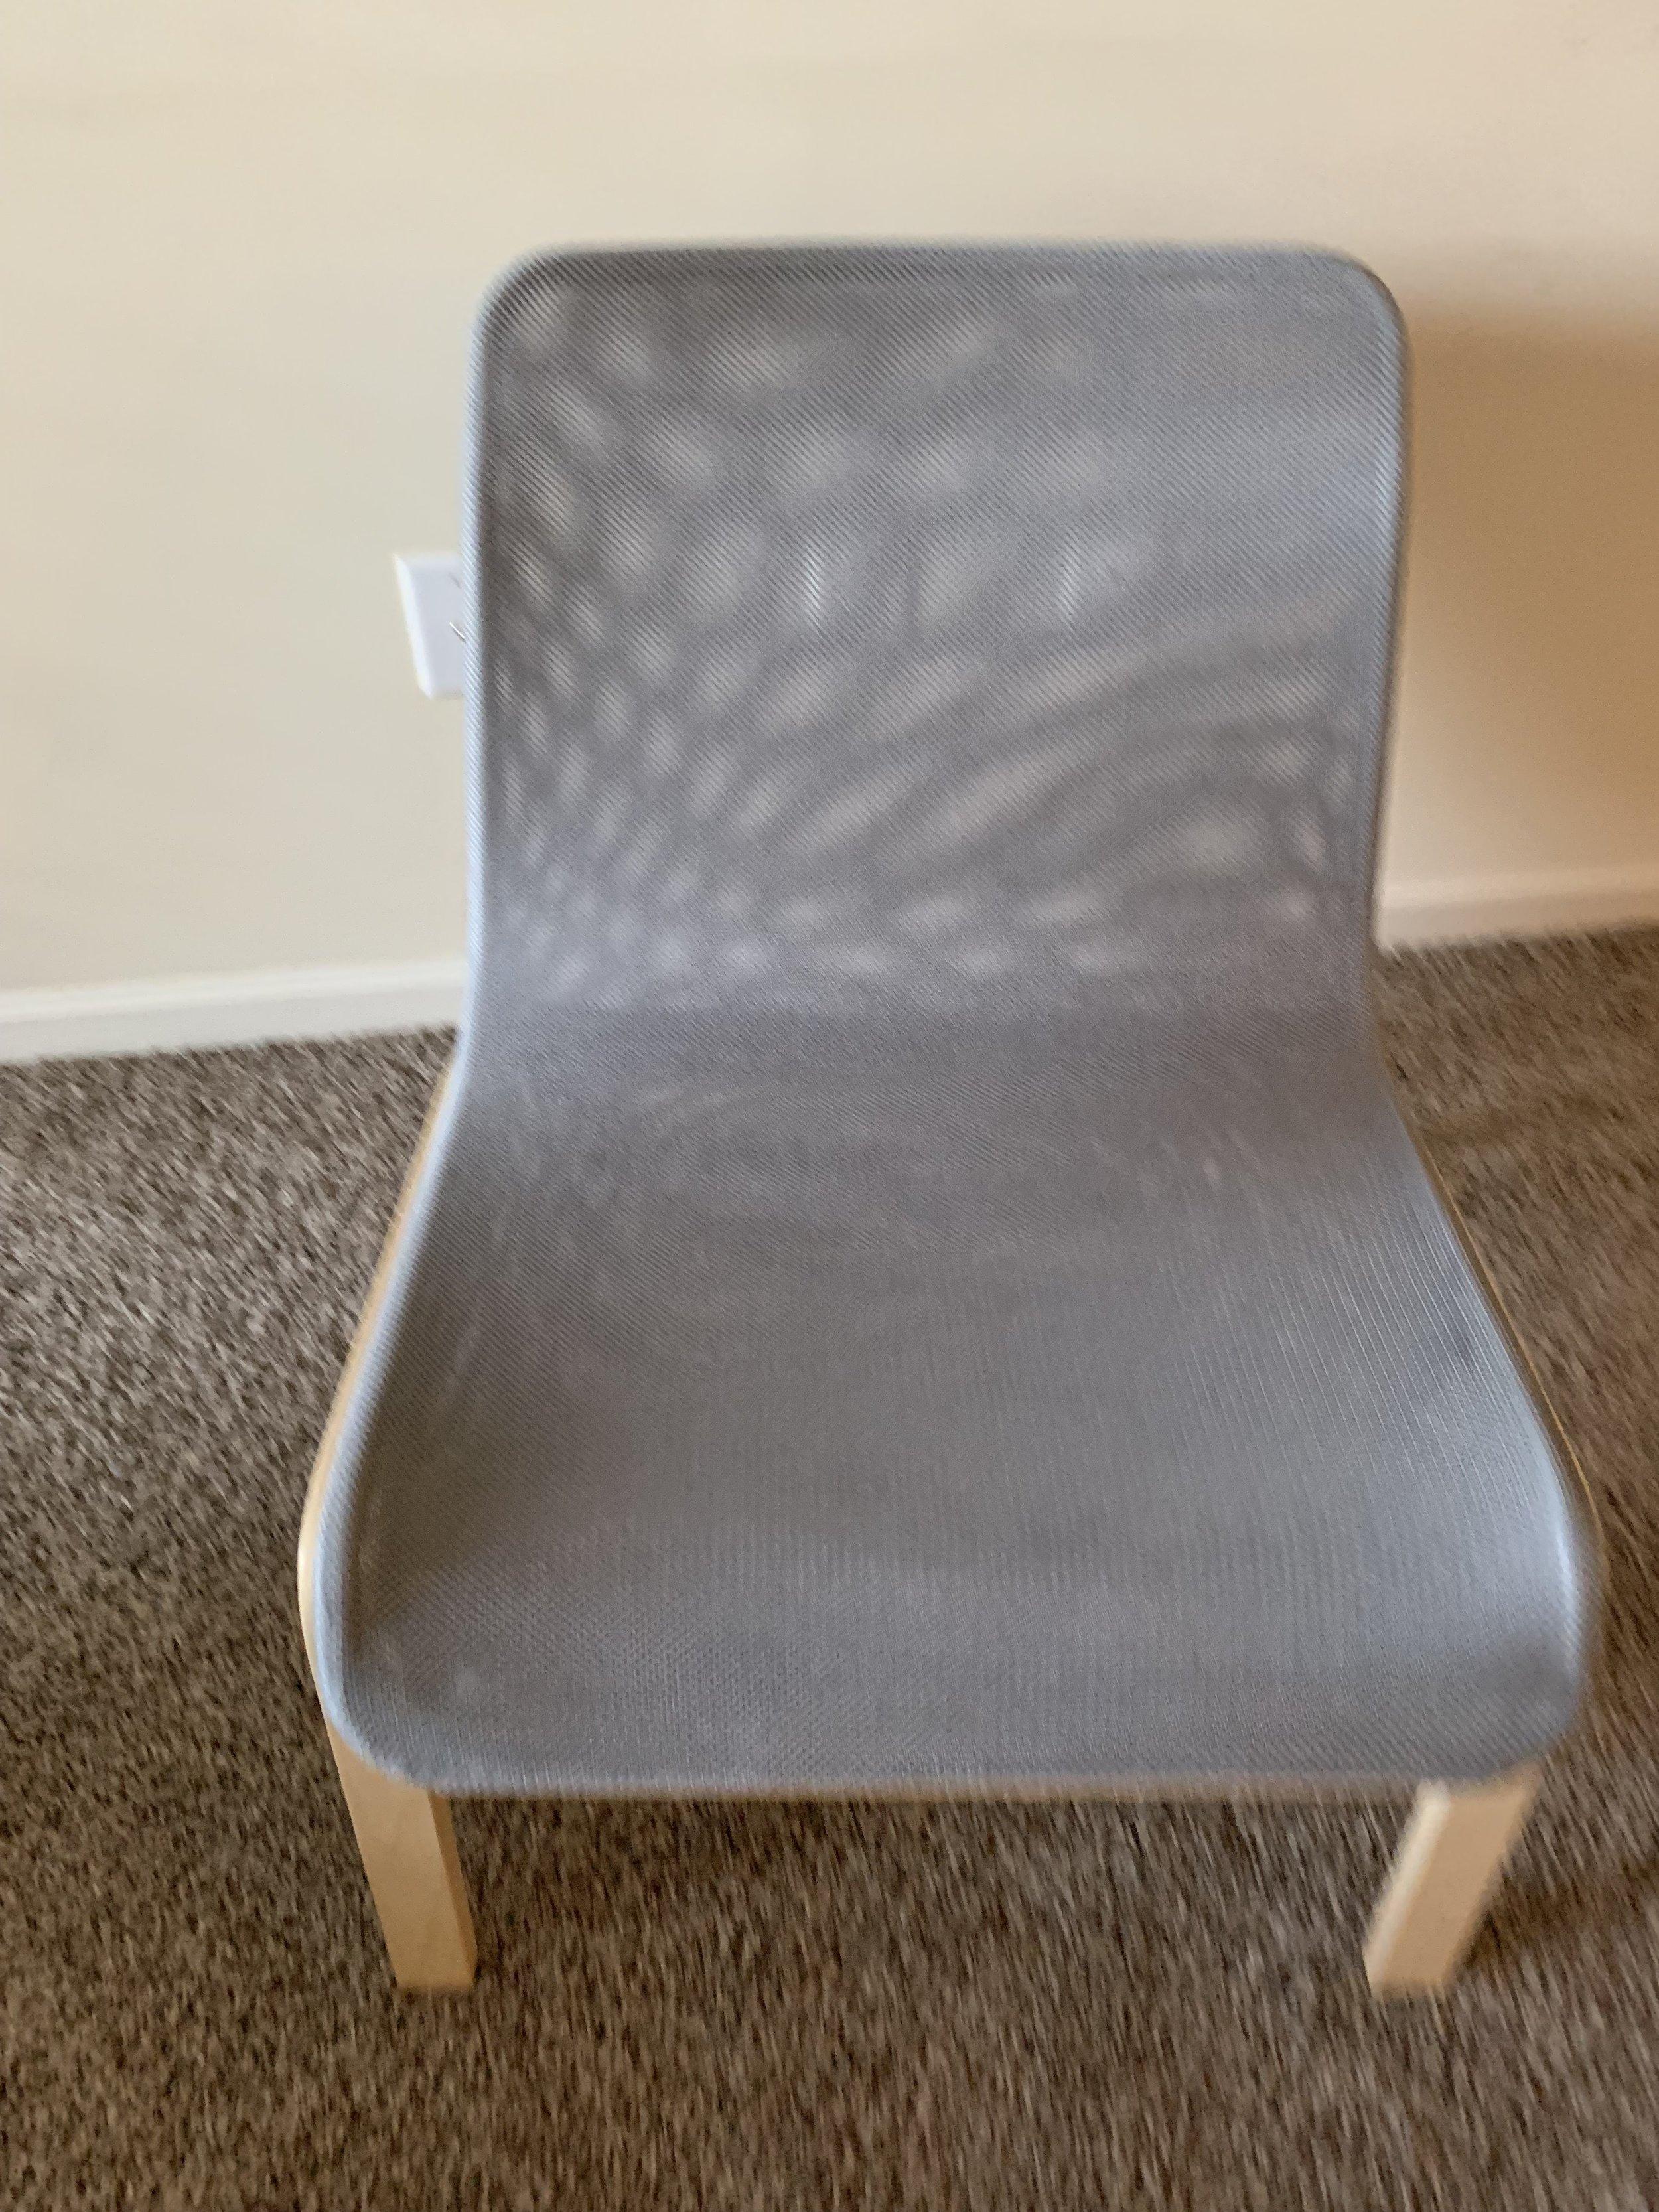 Chair 2 $15